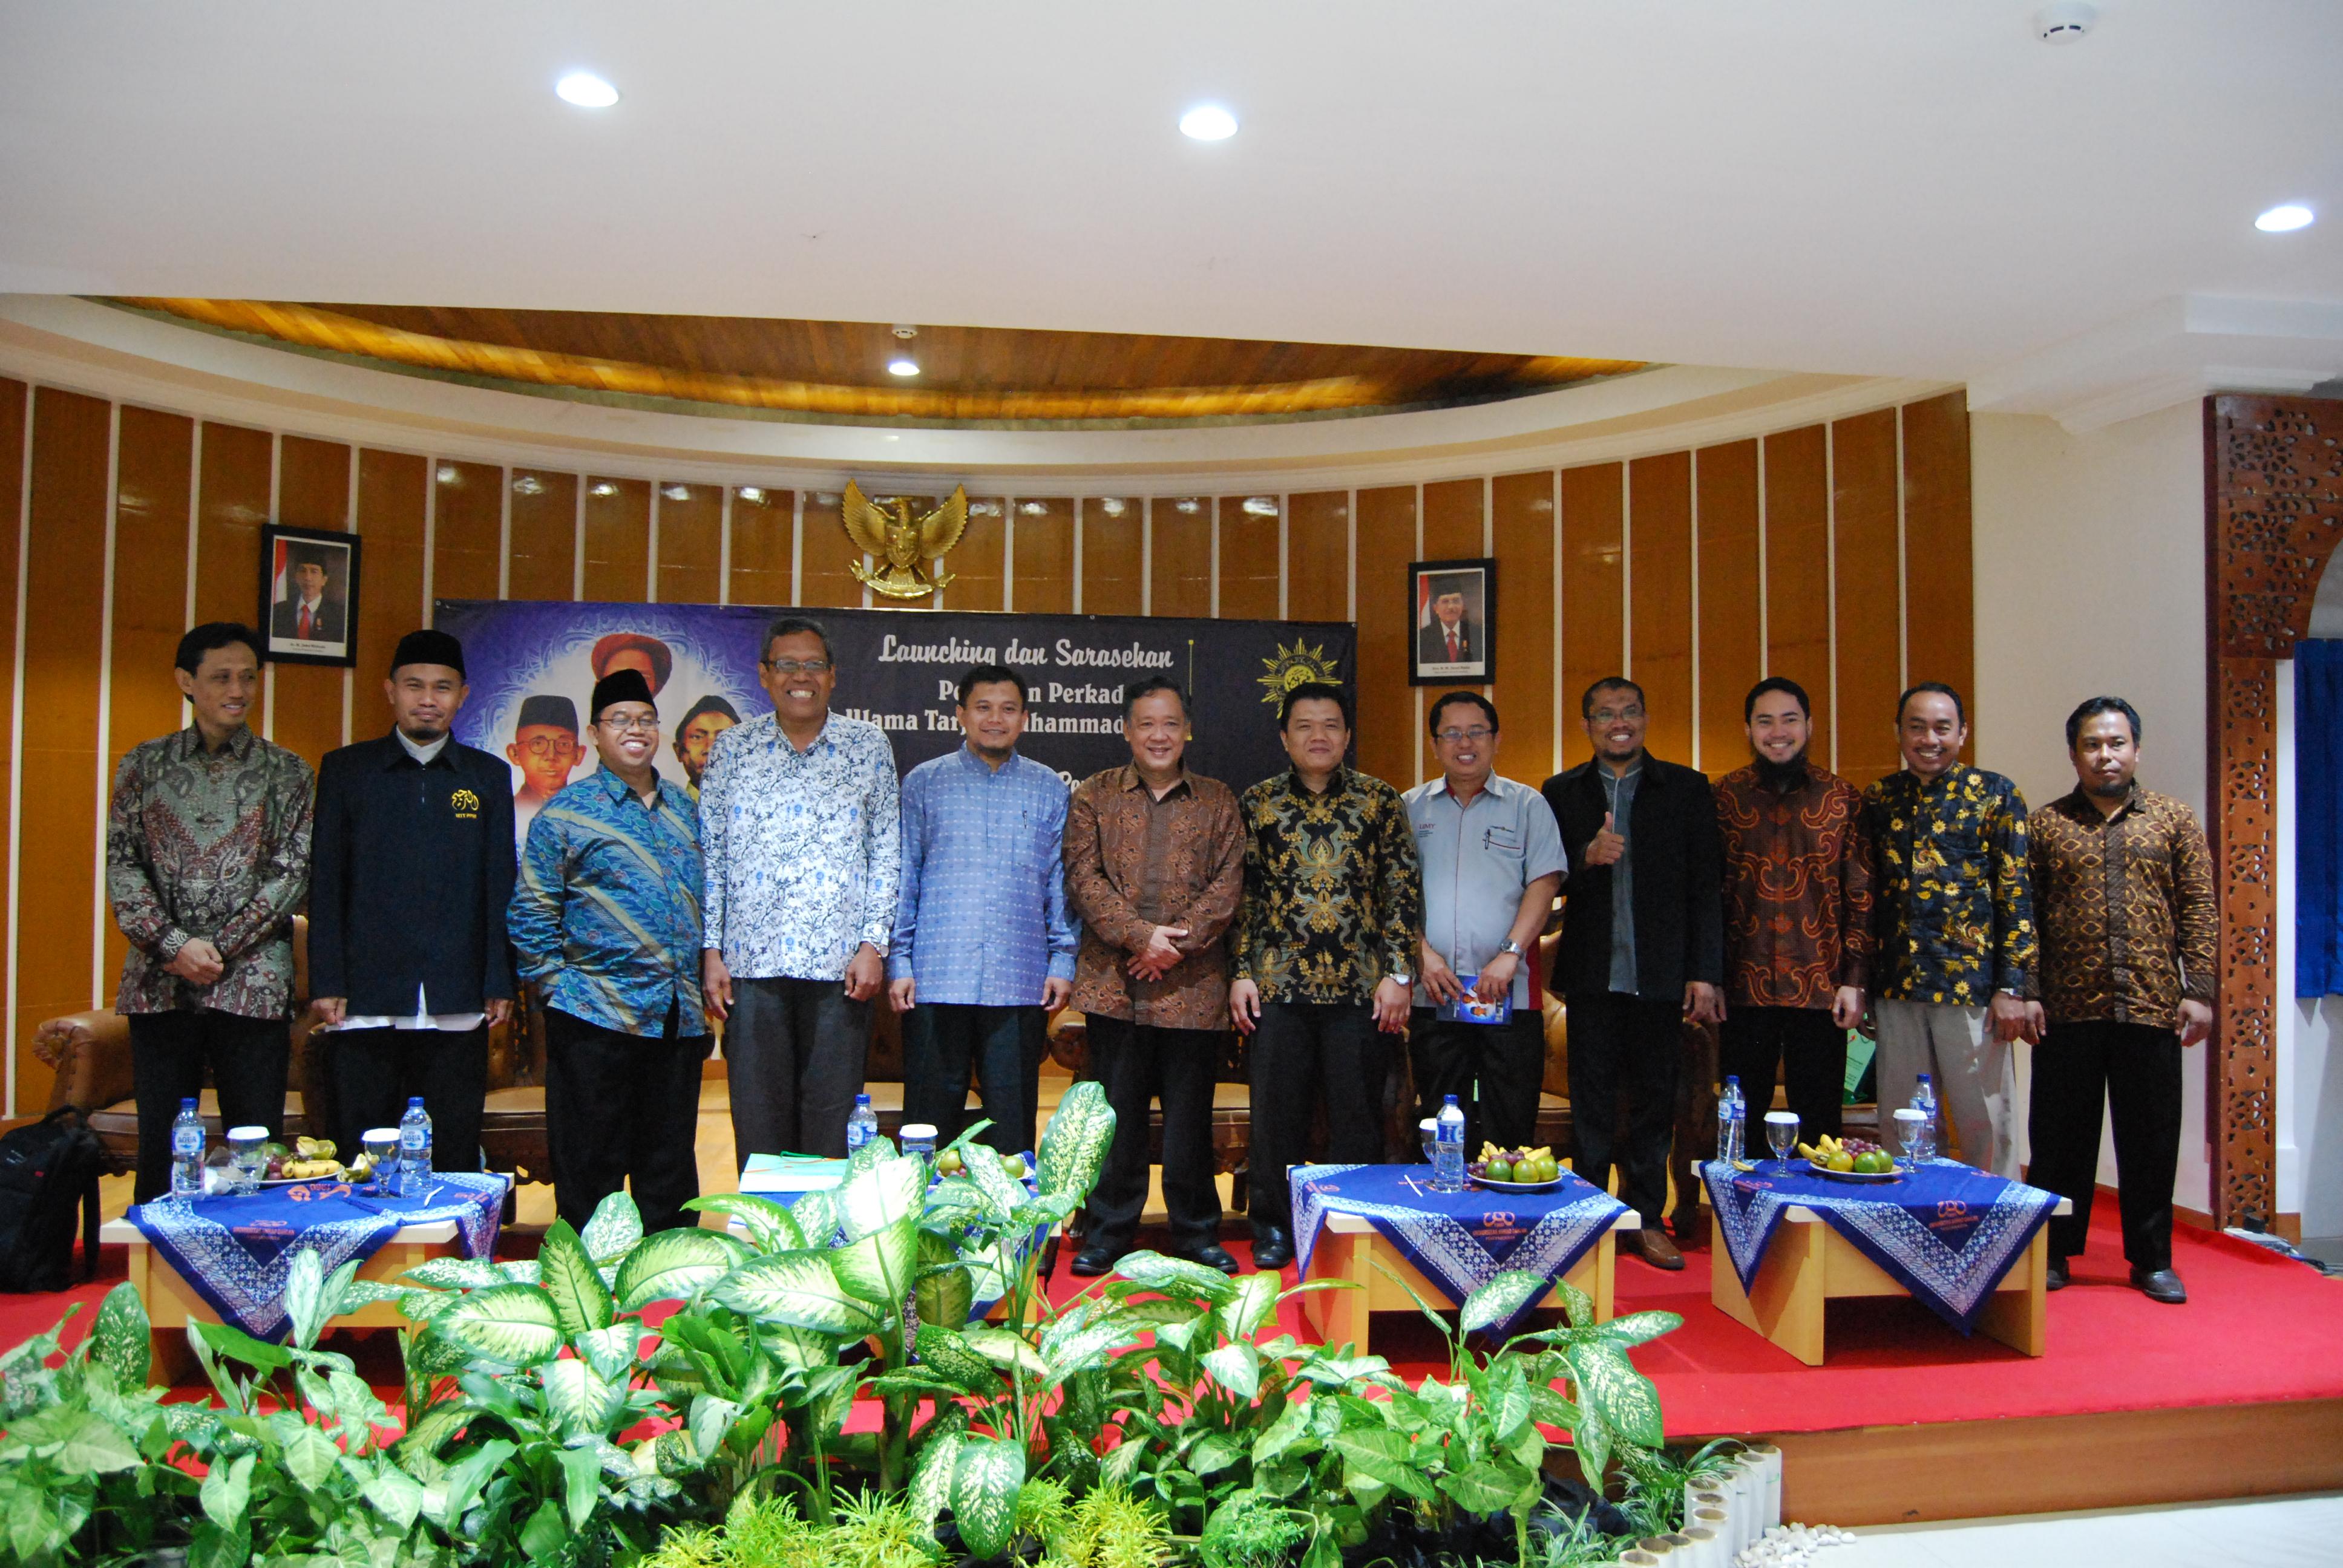 Photo of Berikut Ini Foto-foto Saat Launching dan Sarasehan Pedoman Perkaderan Ulama Tarjih Muhammadiyah